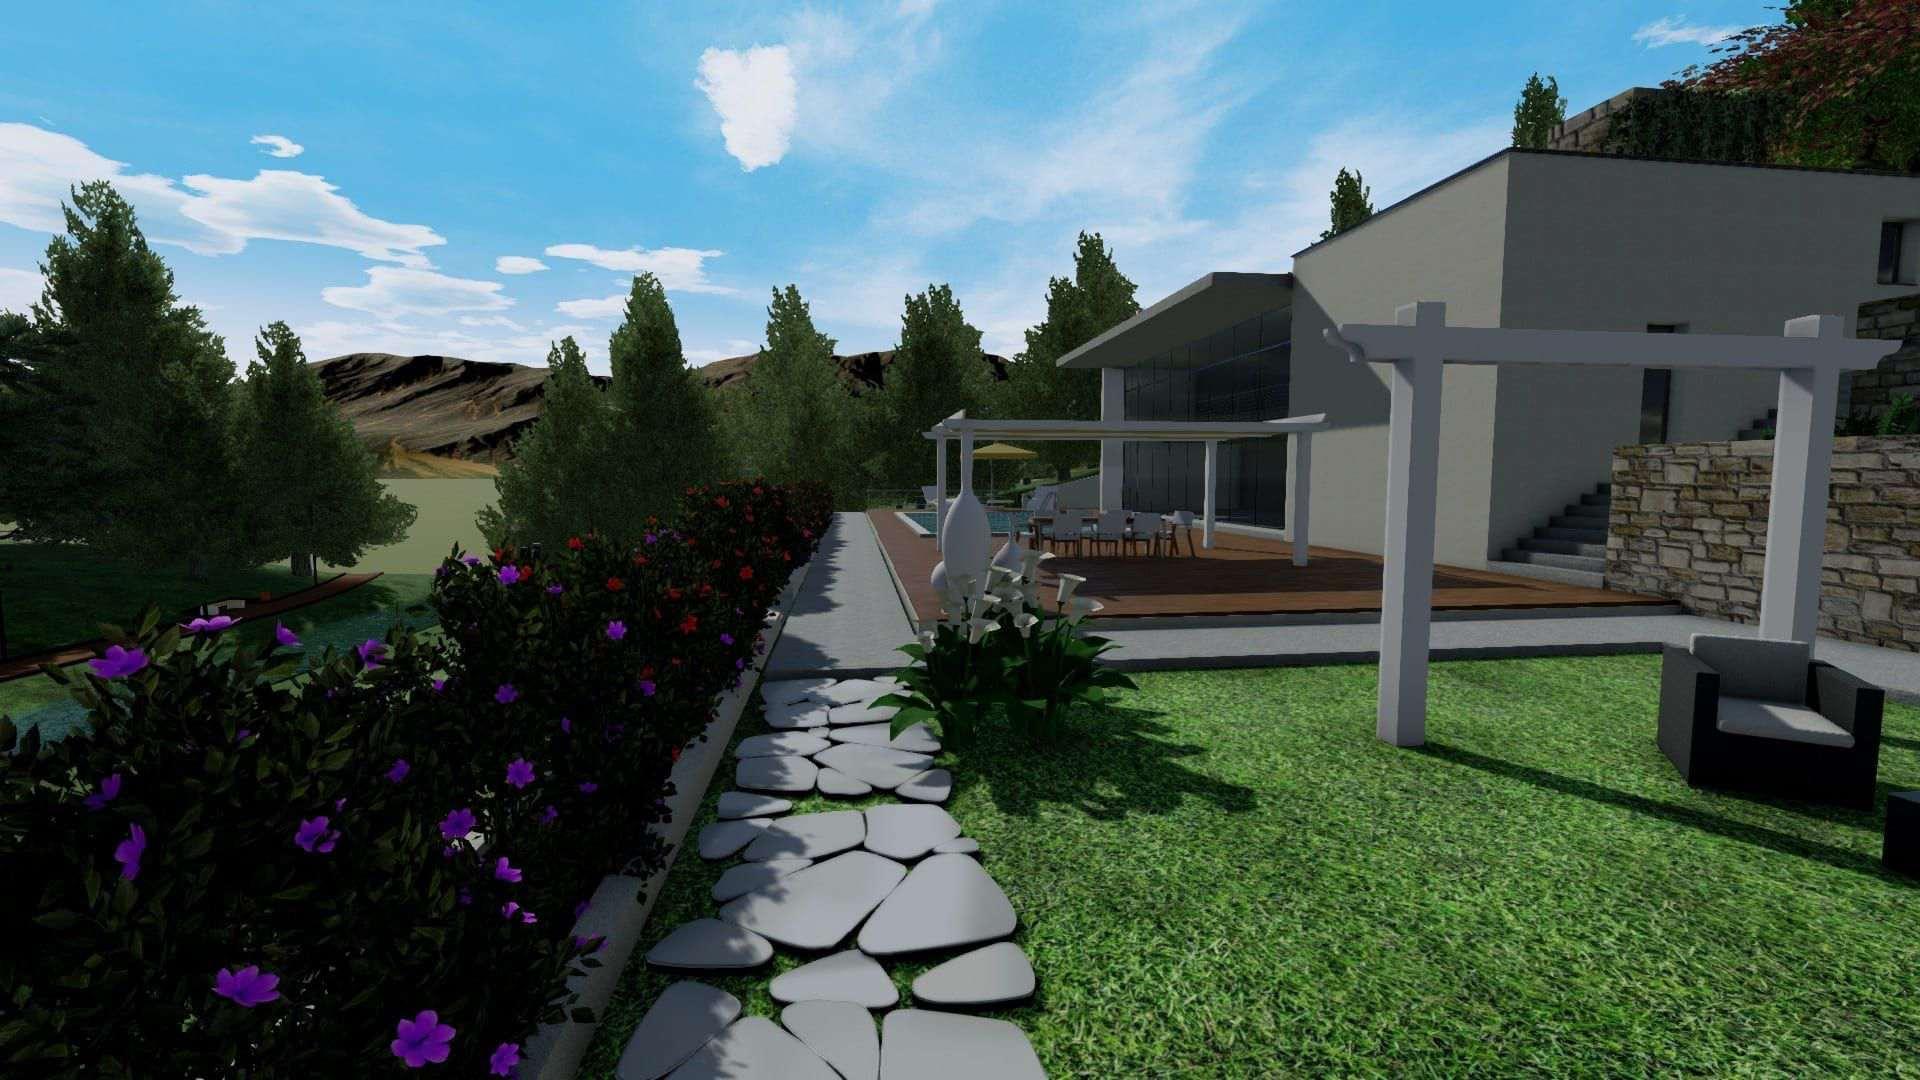 Progettare Il Giardino Software Gratis : Progettazione giardini e paesaggio biblus net